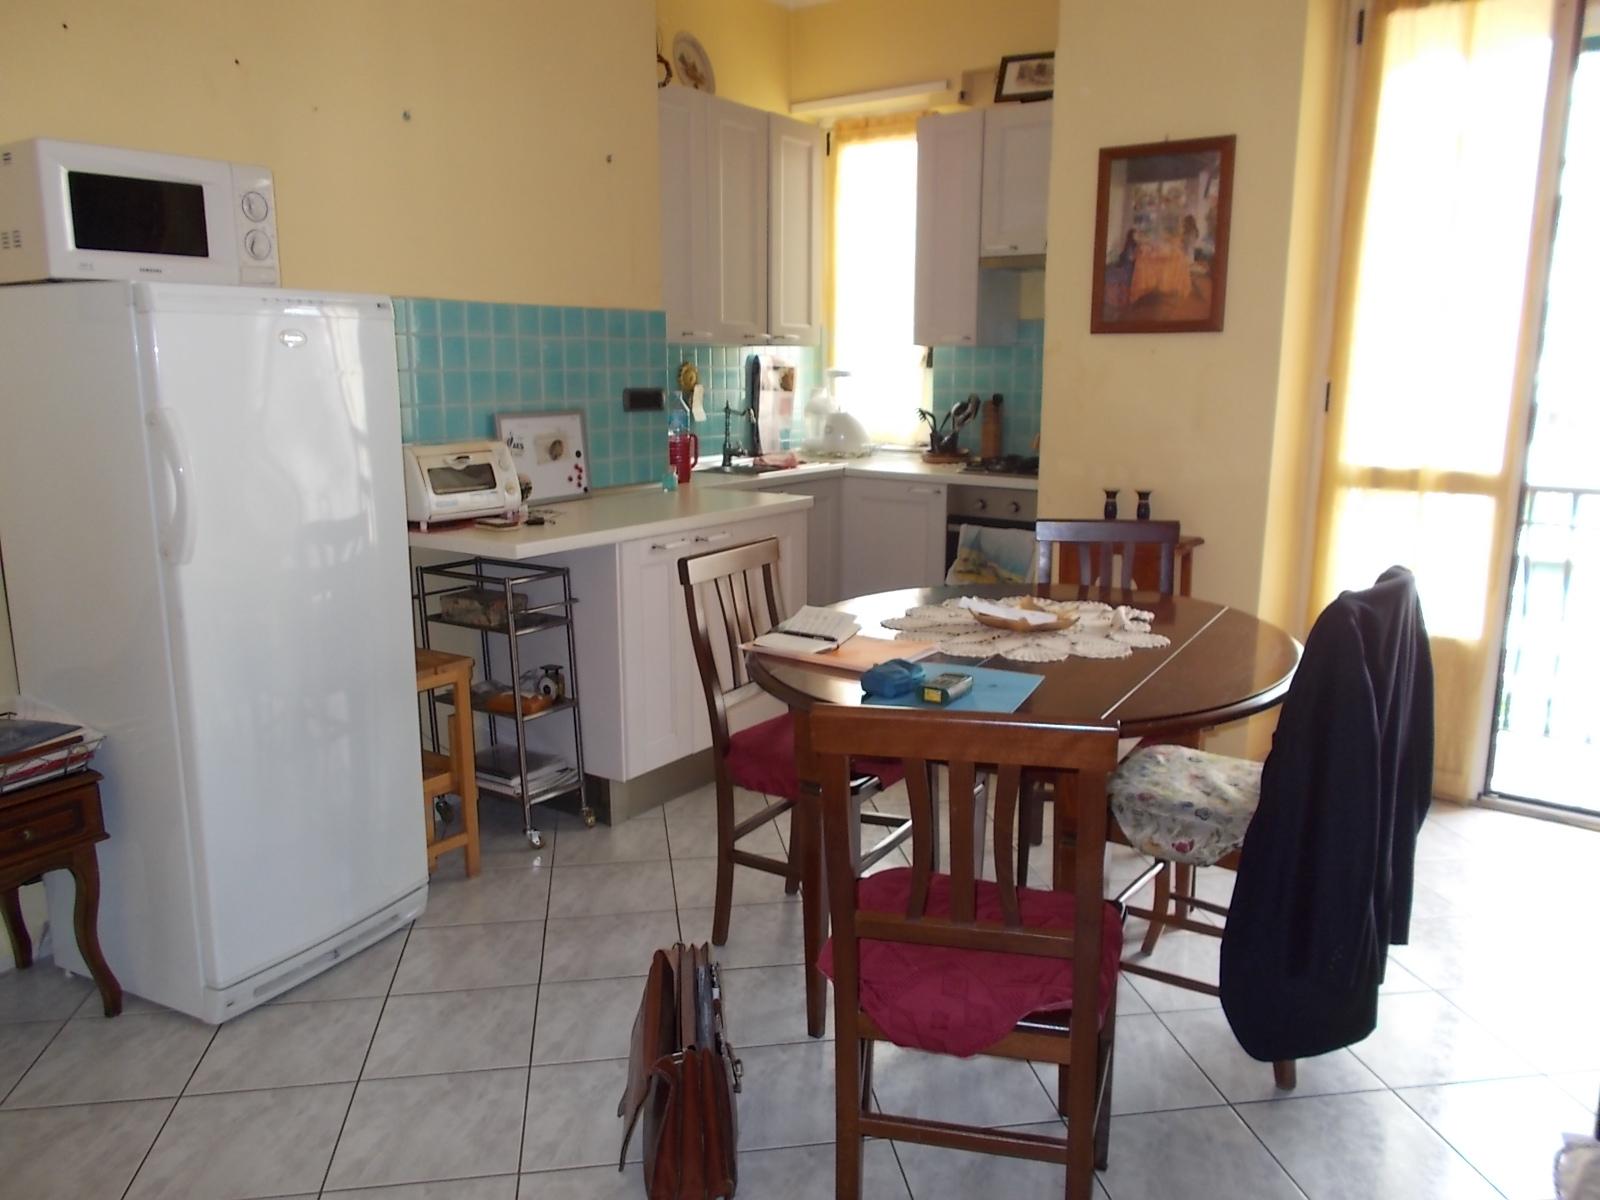 Affitto Appartamento Arredato Lingotto Bertolino